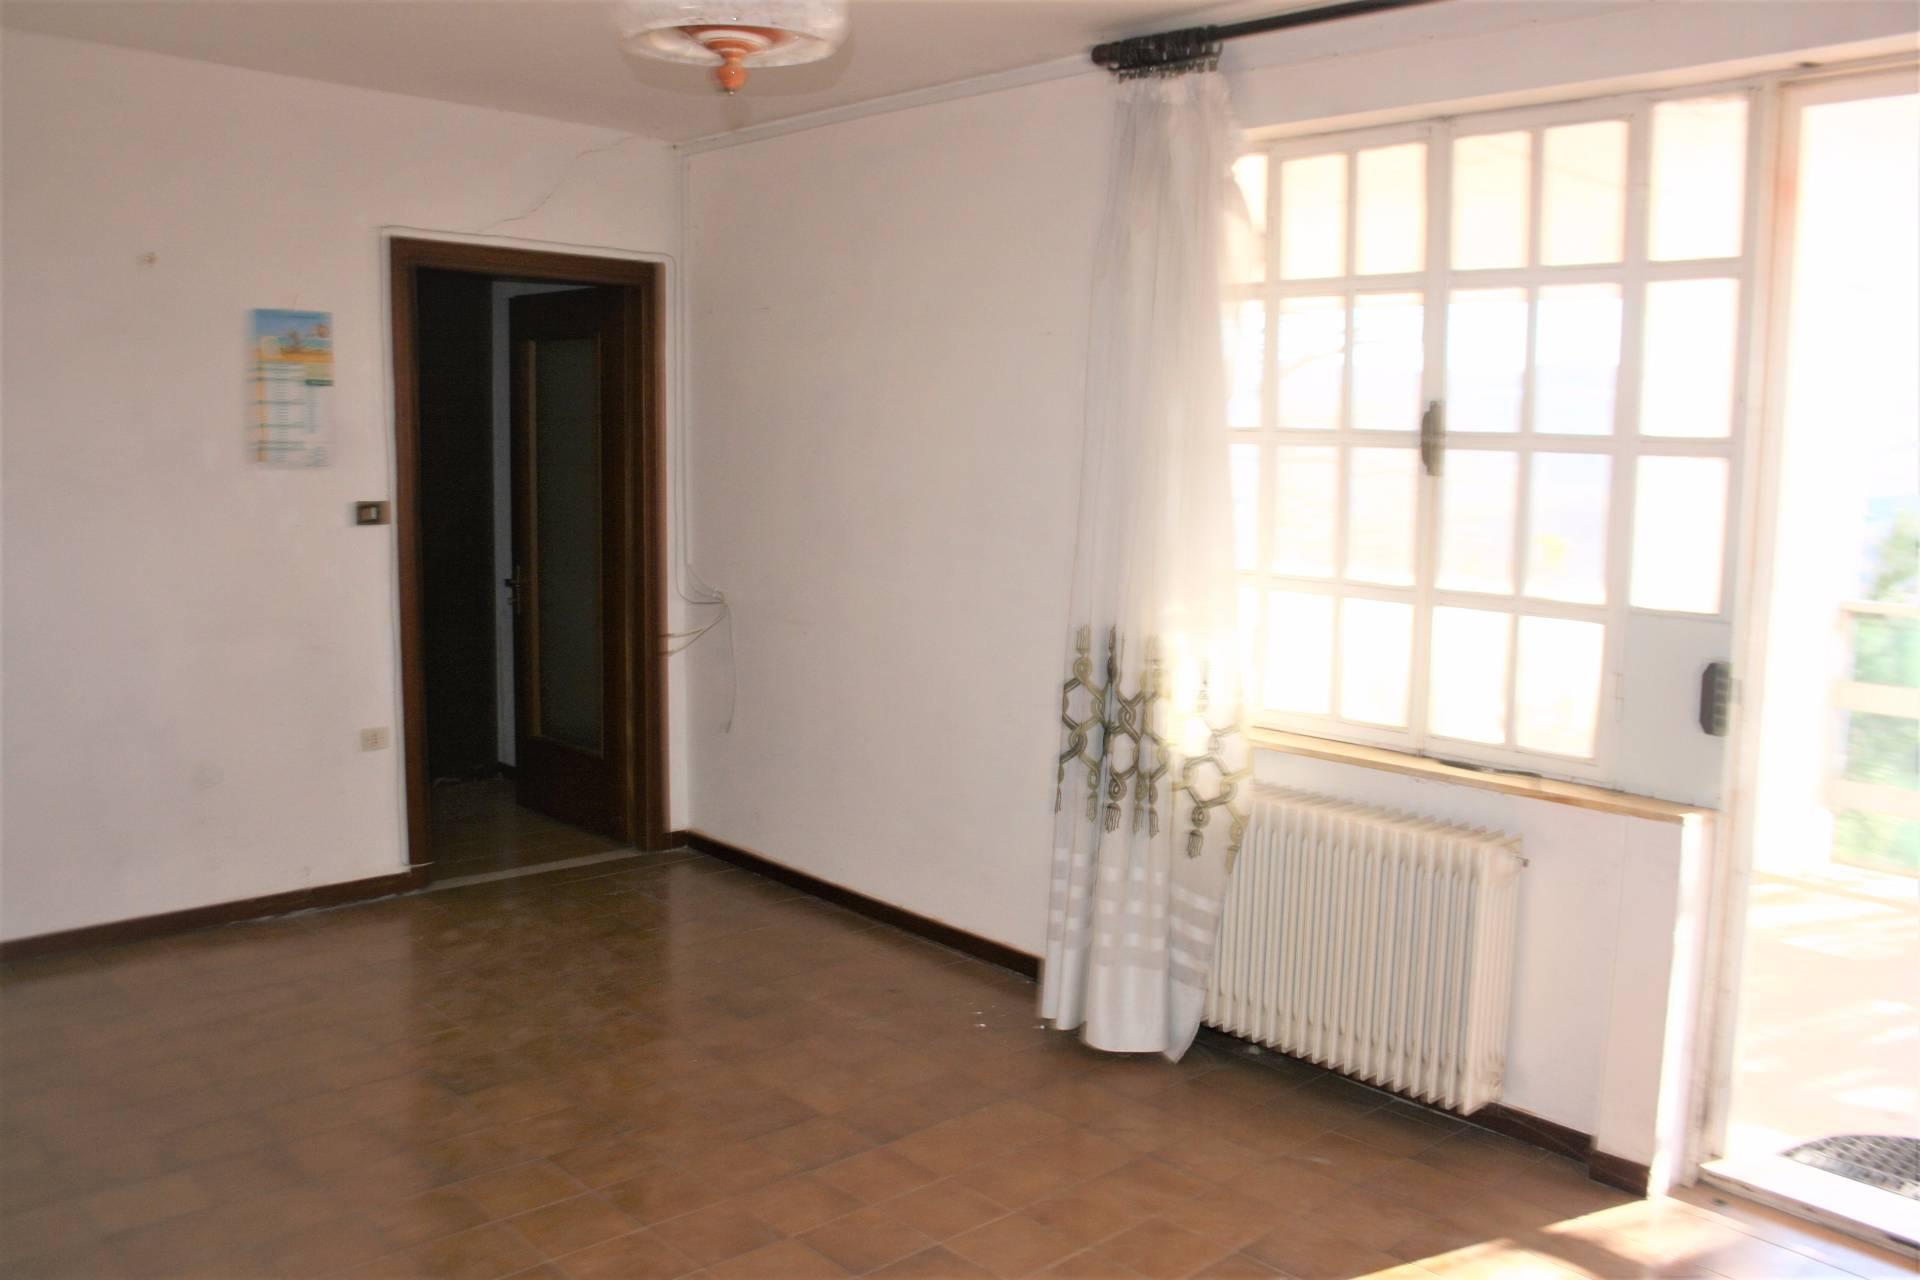 Appartamento in vendita a Ponzone, 2 locali, prezzo € 24.000 | PortaleAgenzieImmobiliari.it